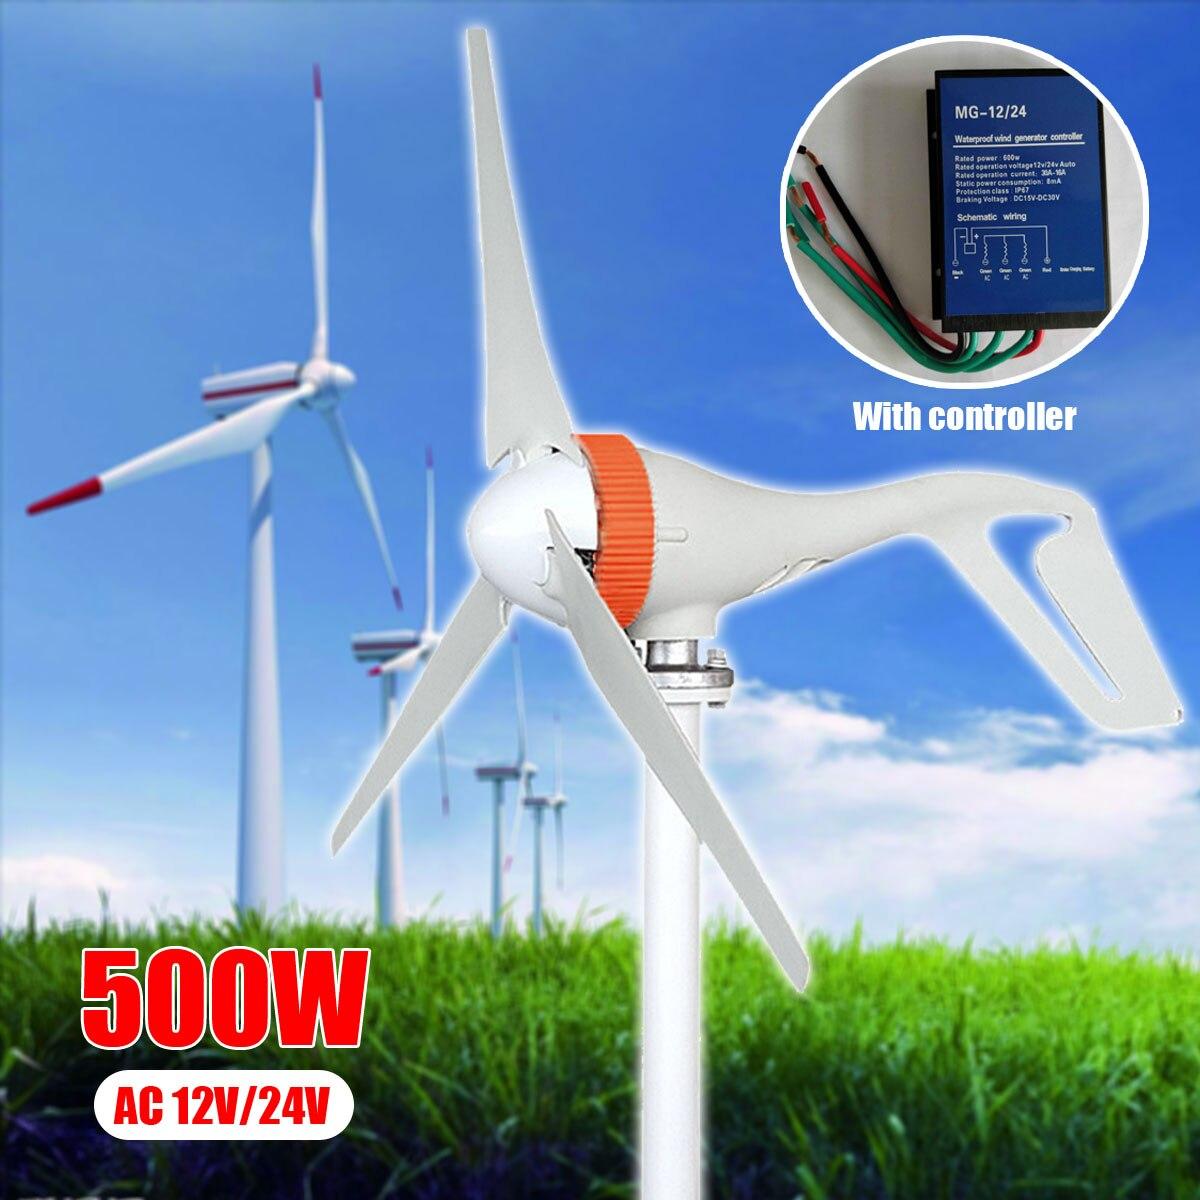 AC 12 В в/В 24 в 500 Вт миниатюрные ветровые турбины генератор мини ветровые турбины с контроллером 3 лезвия ветровой генератор для домашнего исп...